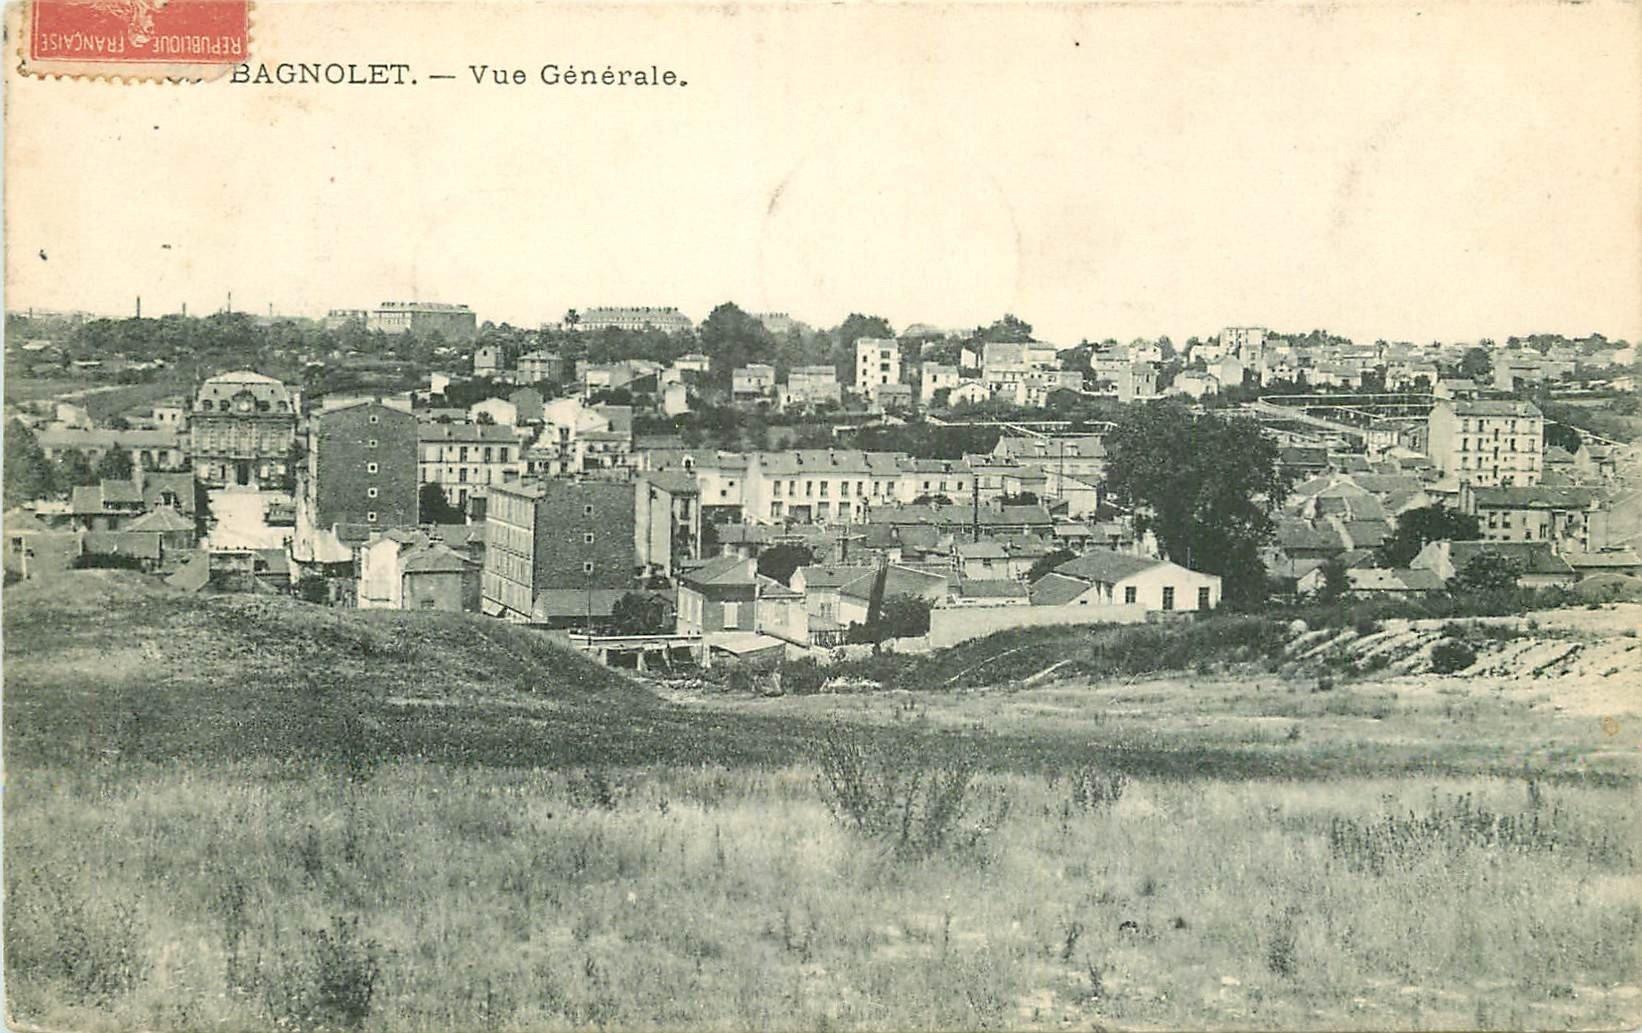 93 BAGNOLET. Vue générale prise des Buttes 1907